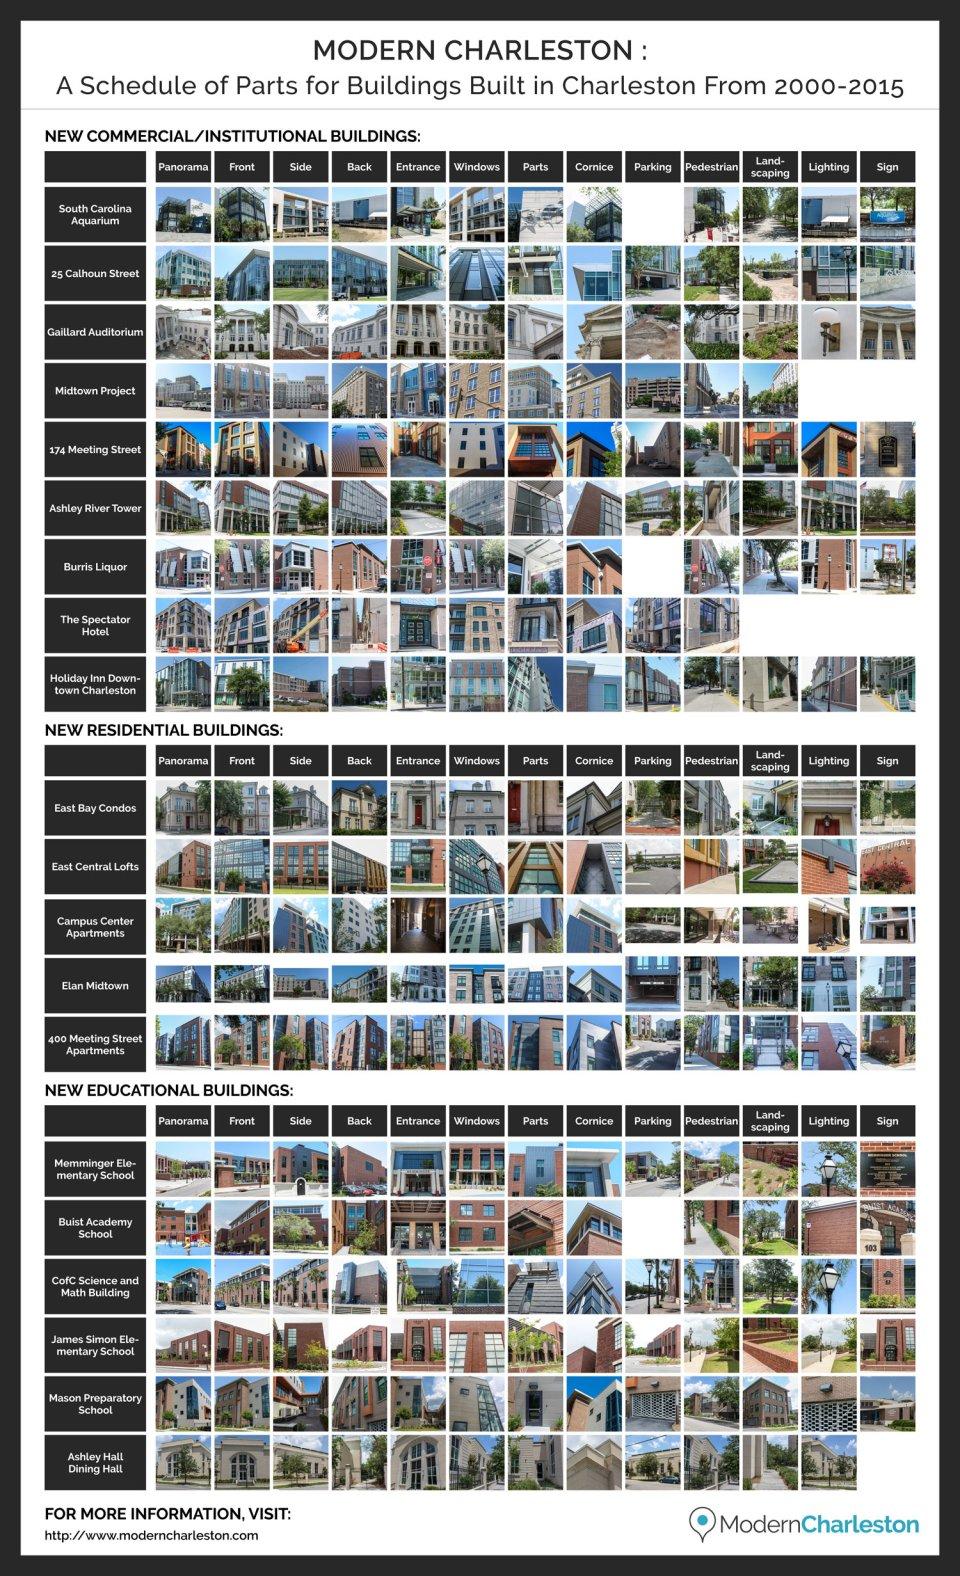 Modern-Charleston-Schedule-of-Parts-1500px